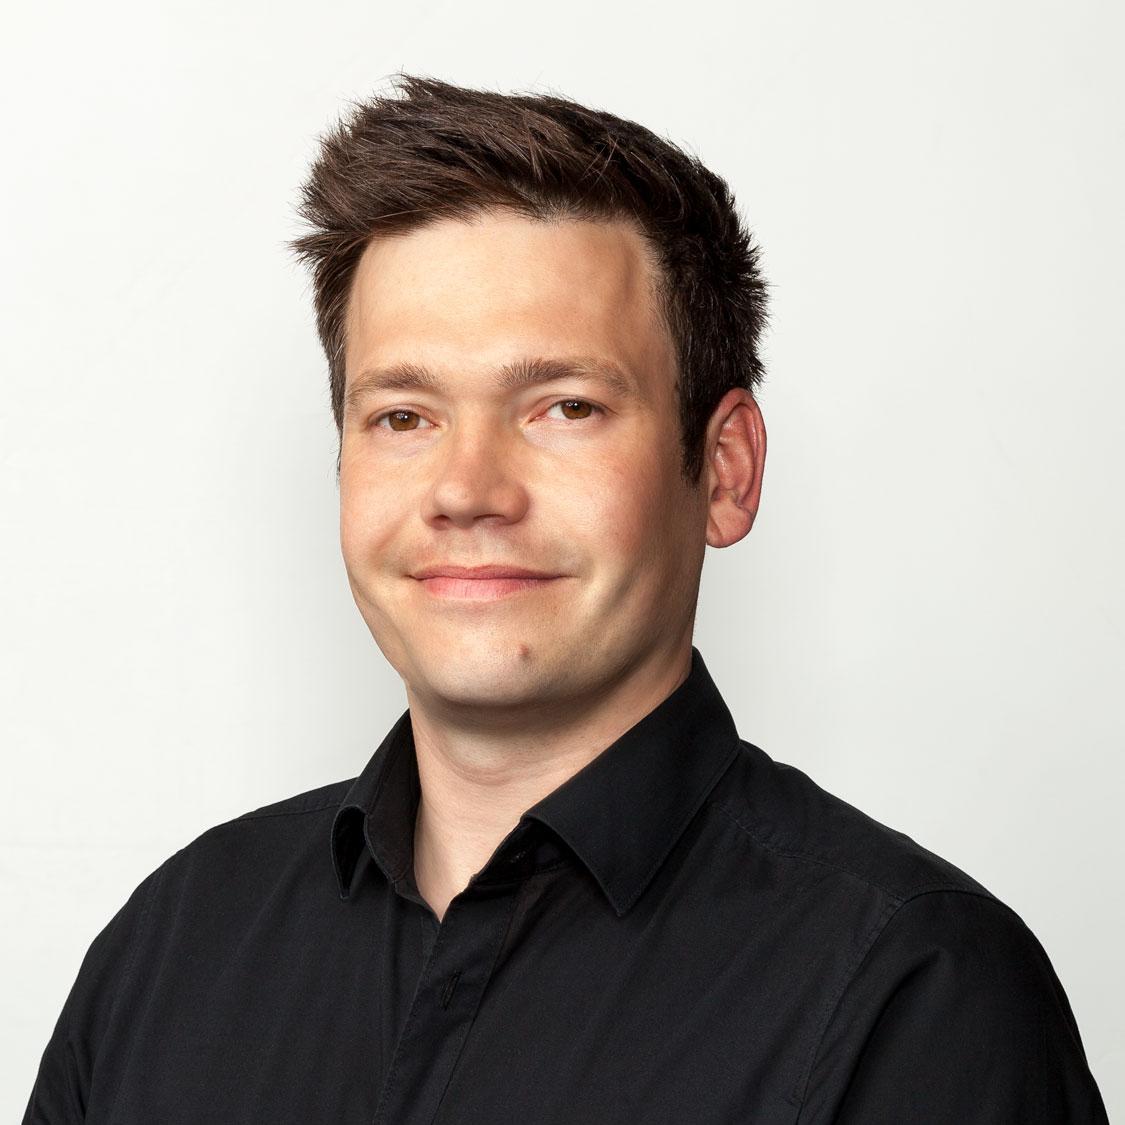 Porträtfoto von Stefan Göbel